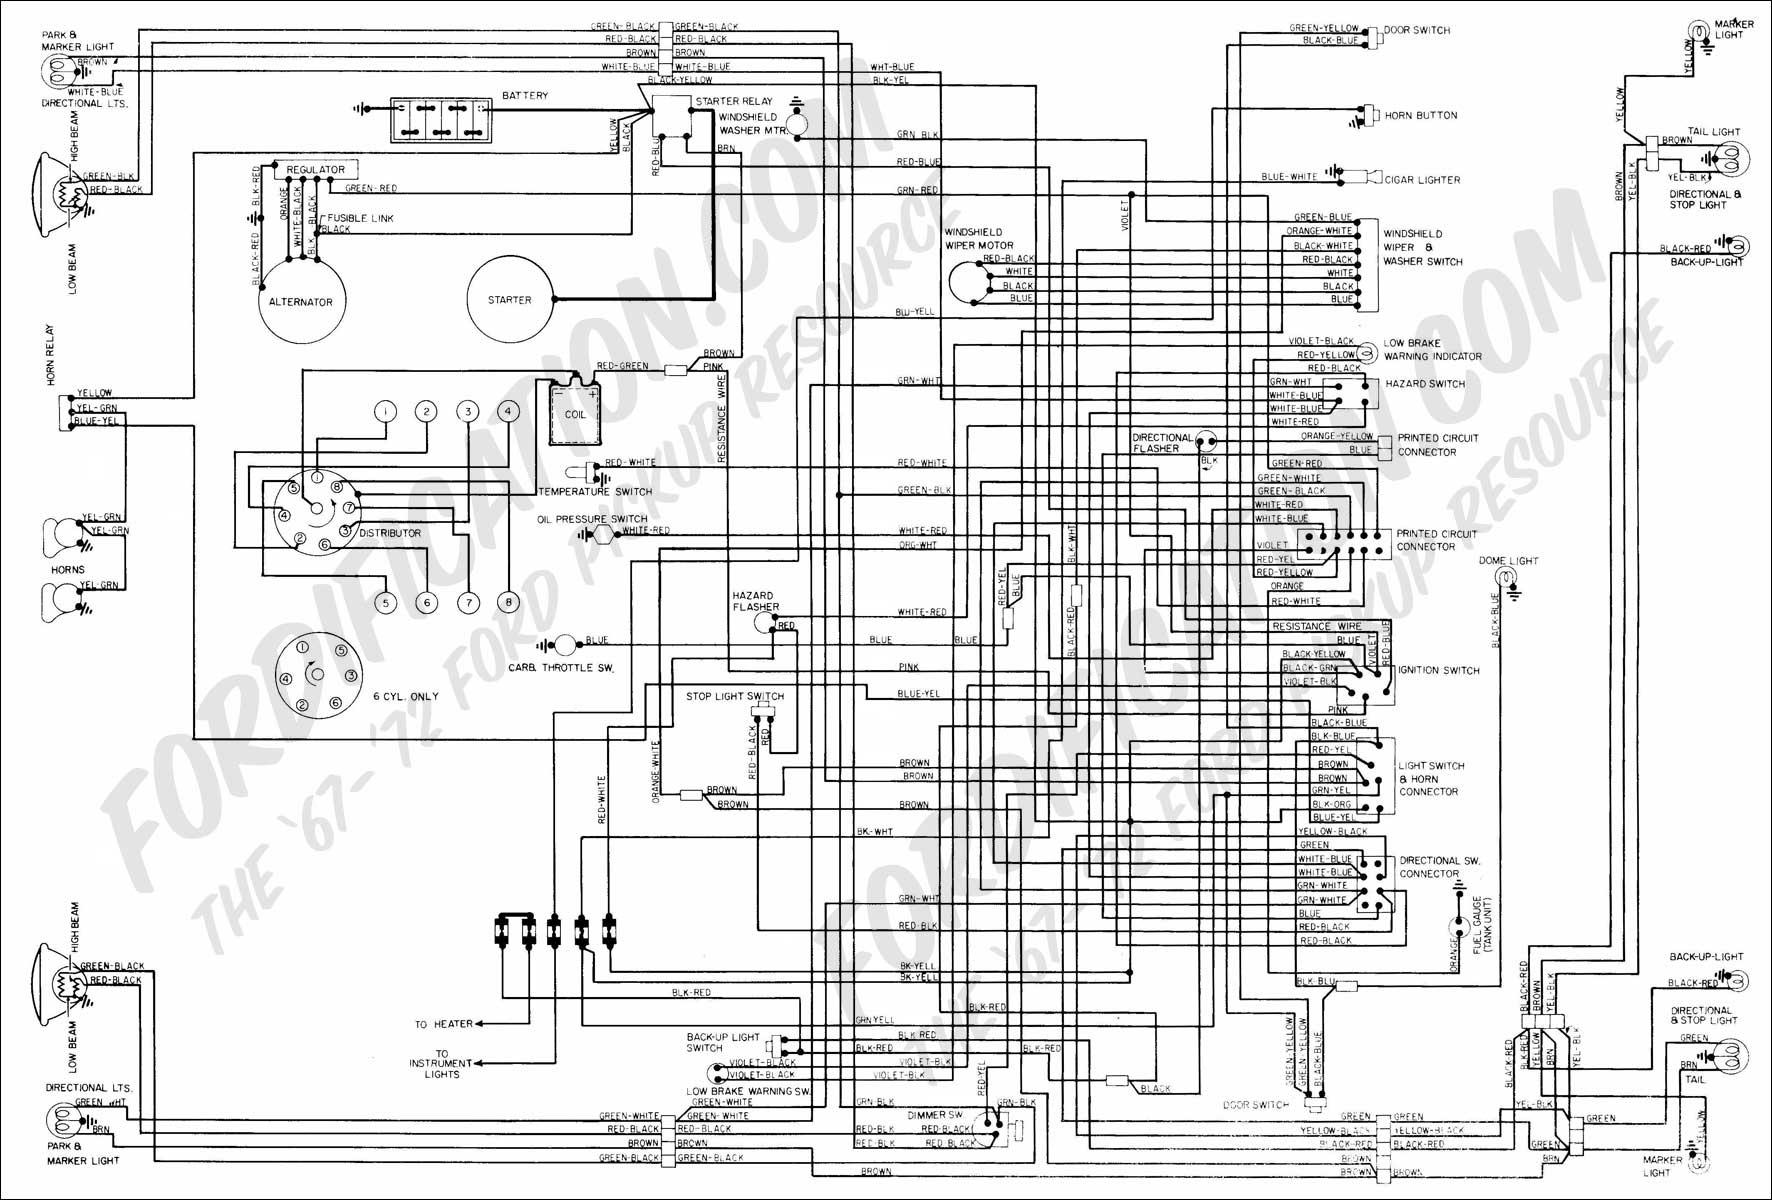 82 F150 Wiring Diagram | Wiring Diagram - Ford F250 Wiring Diagram For Trailer Lights